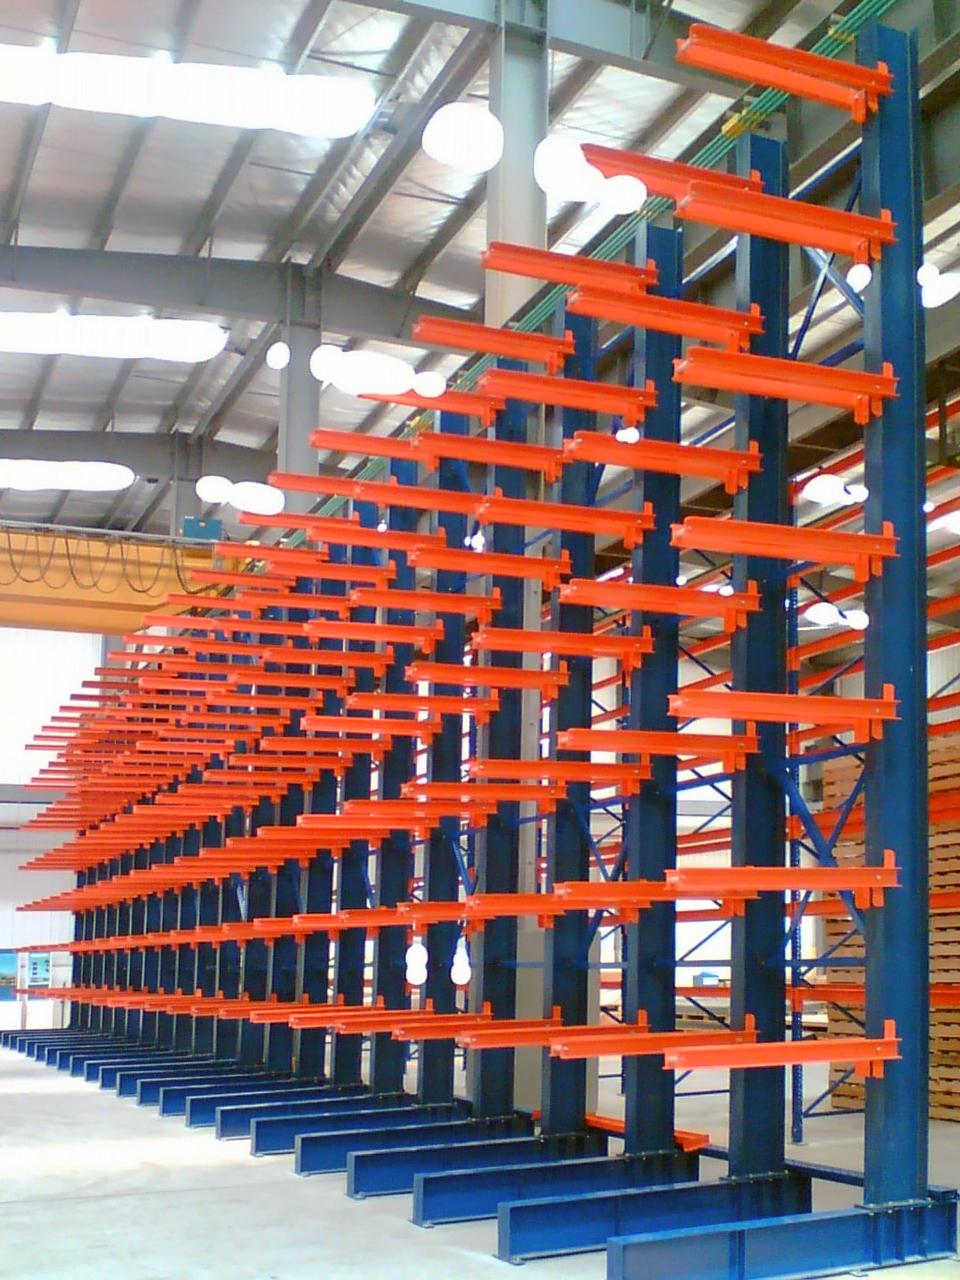 上海卡特彼勒悬臂式货架